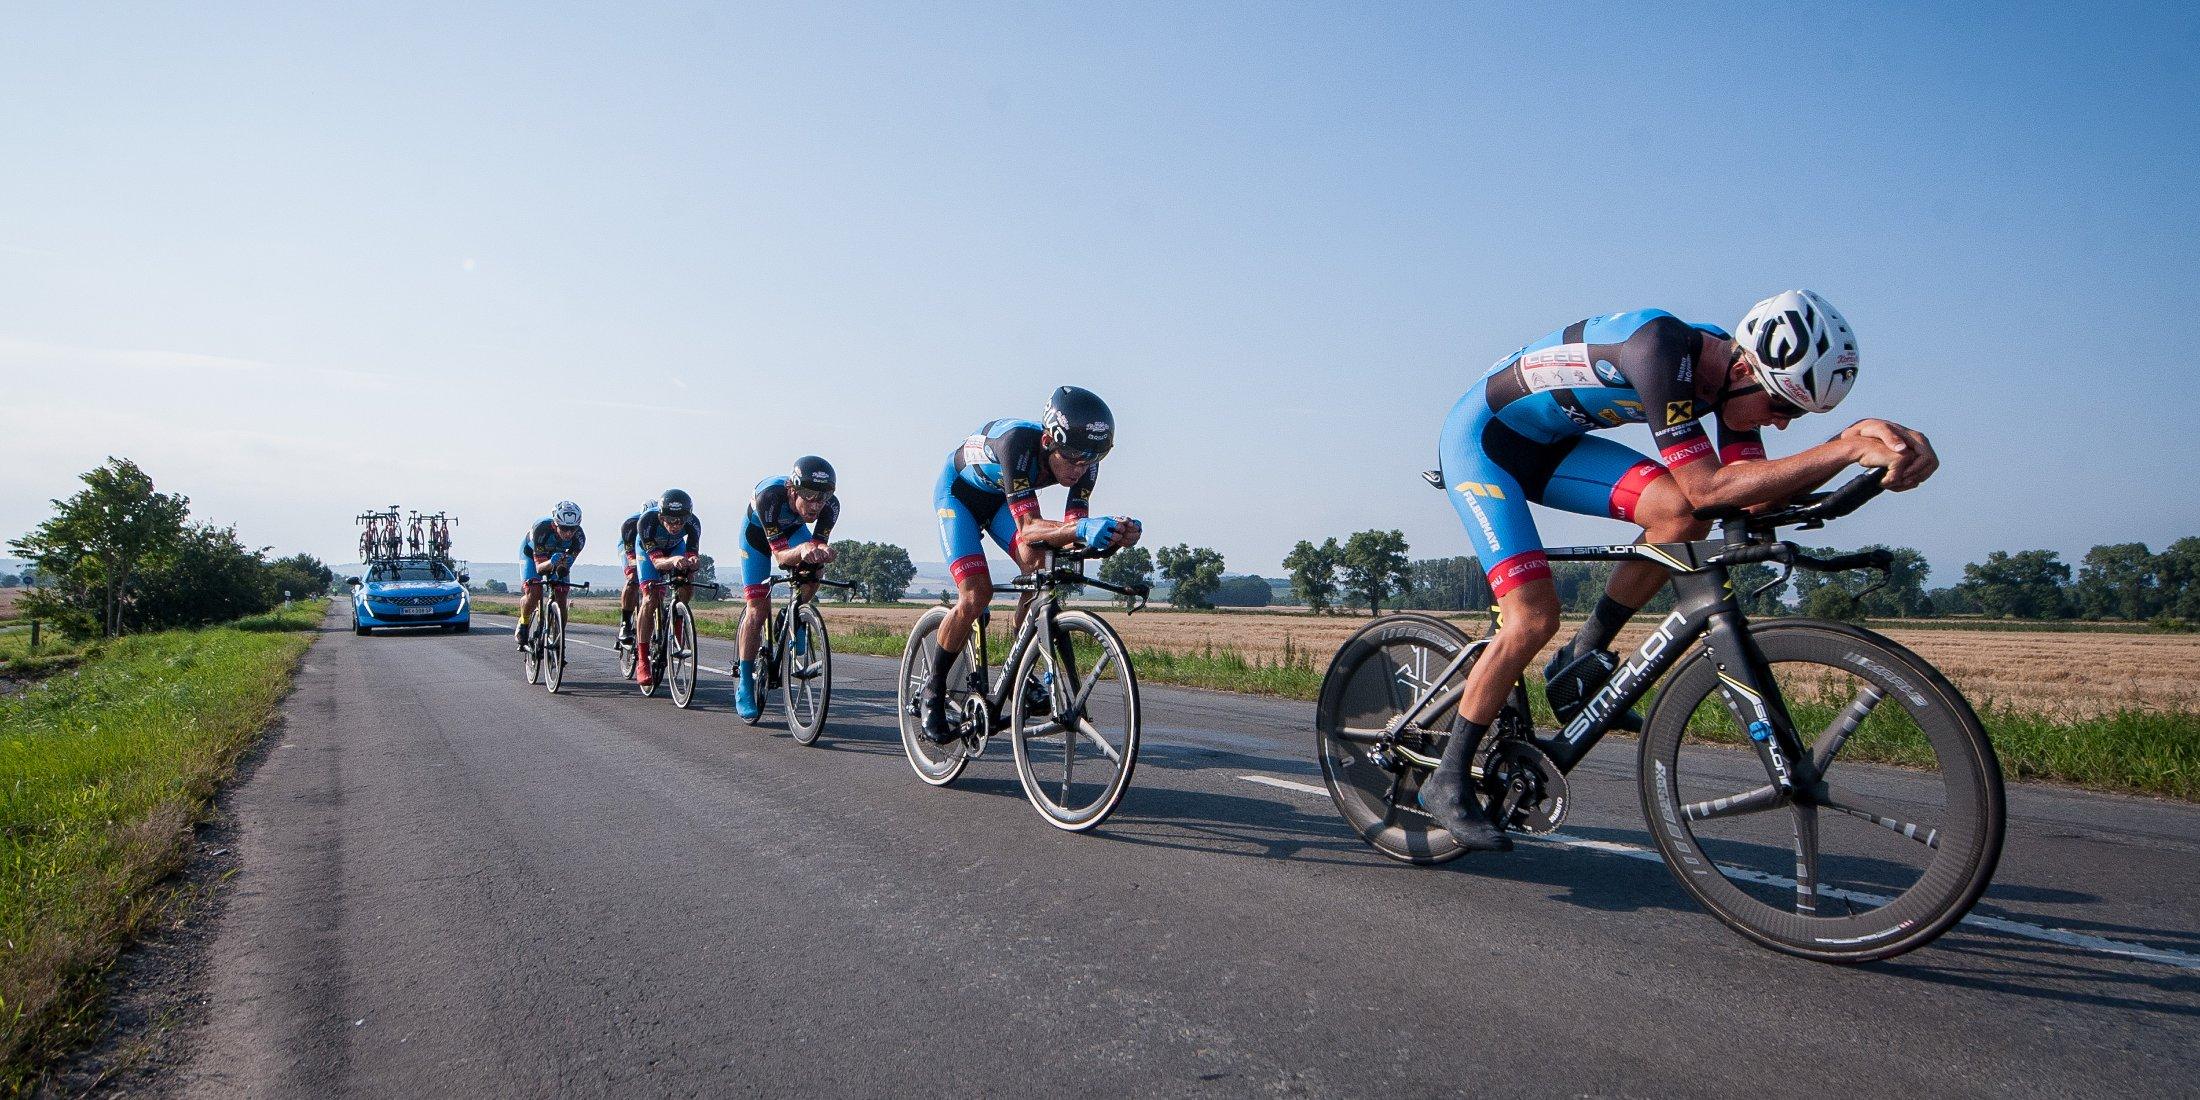 Rennszene Radrennen Team Felbermayr auf Challenge Reifen